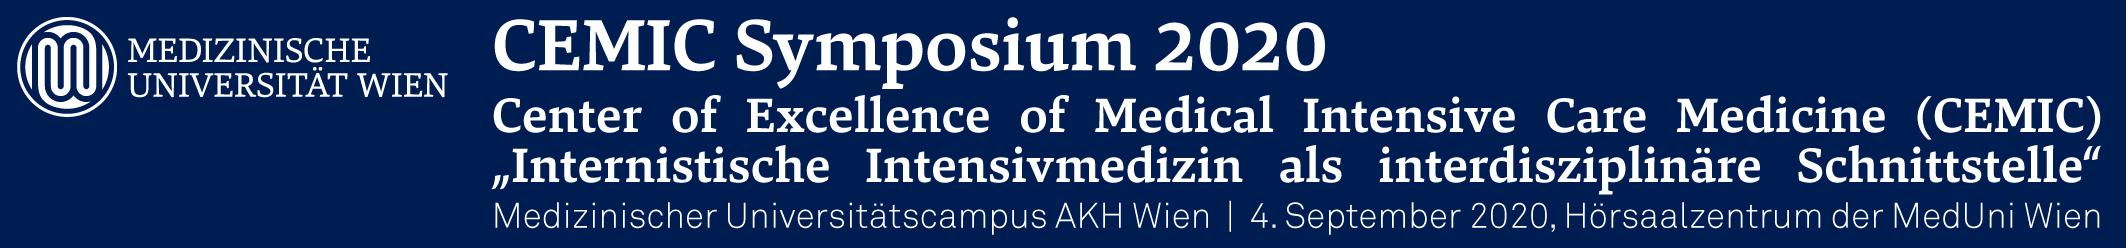 CEMIC Symposium 2020